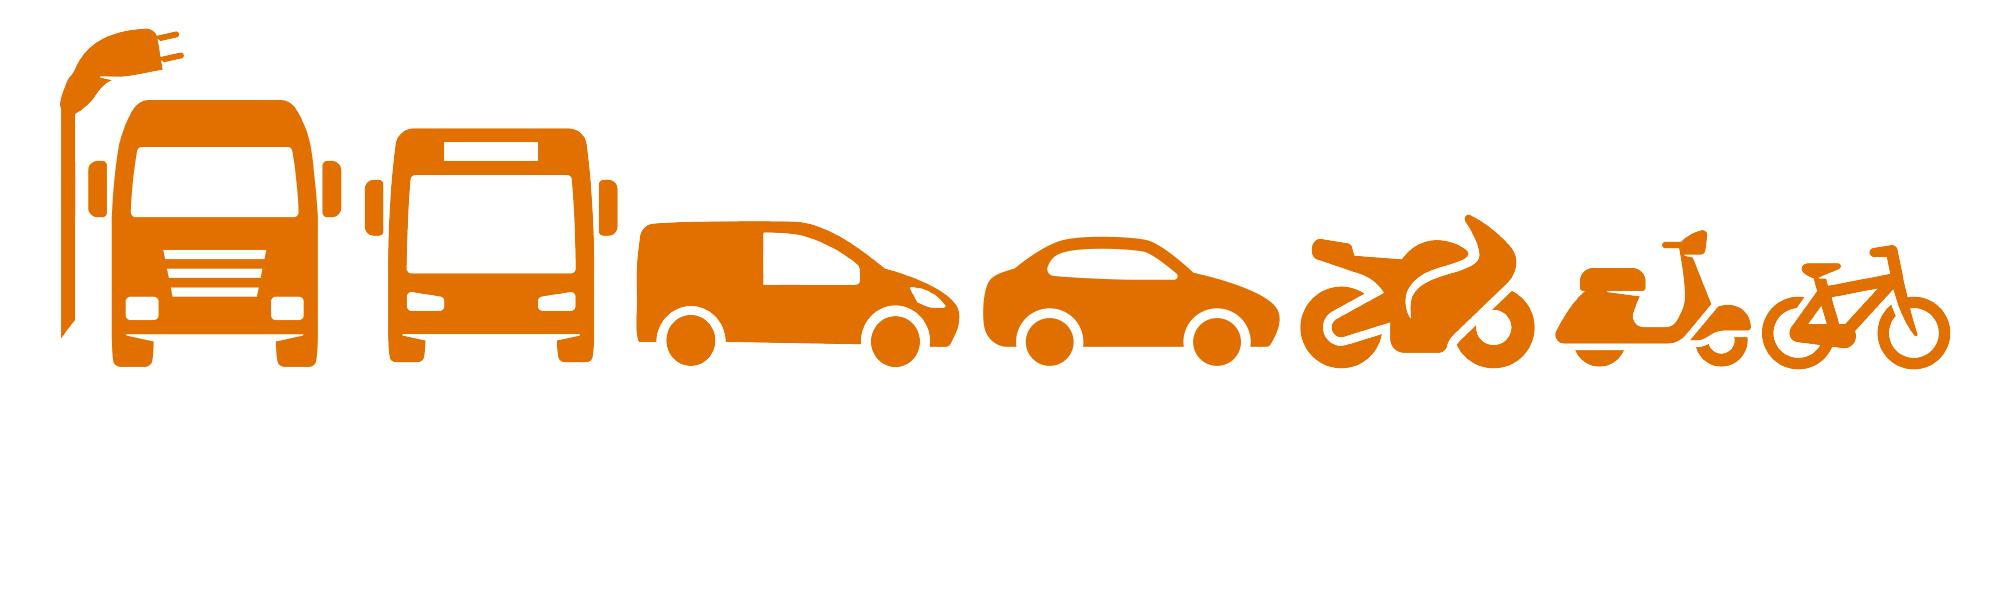 Totaaloverzicht cijfers elektrisch vervoer